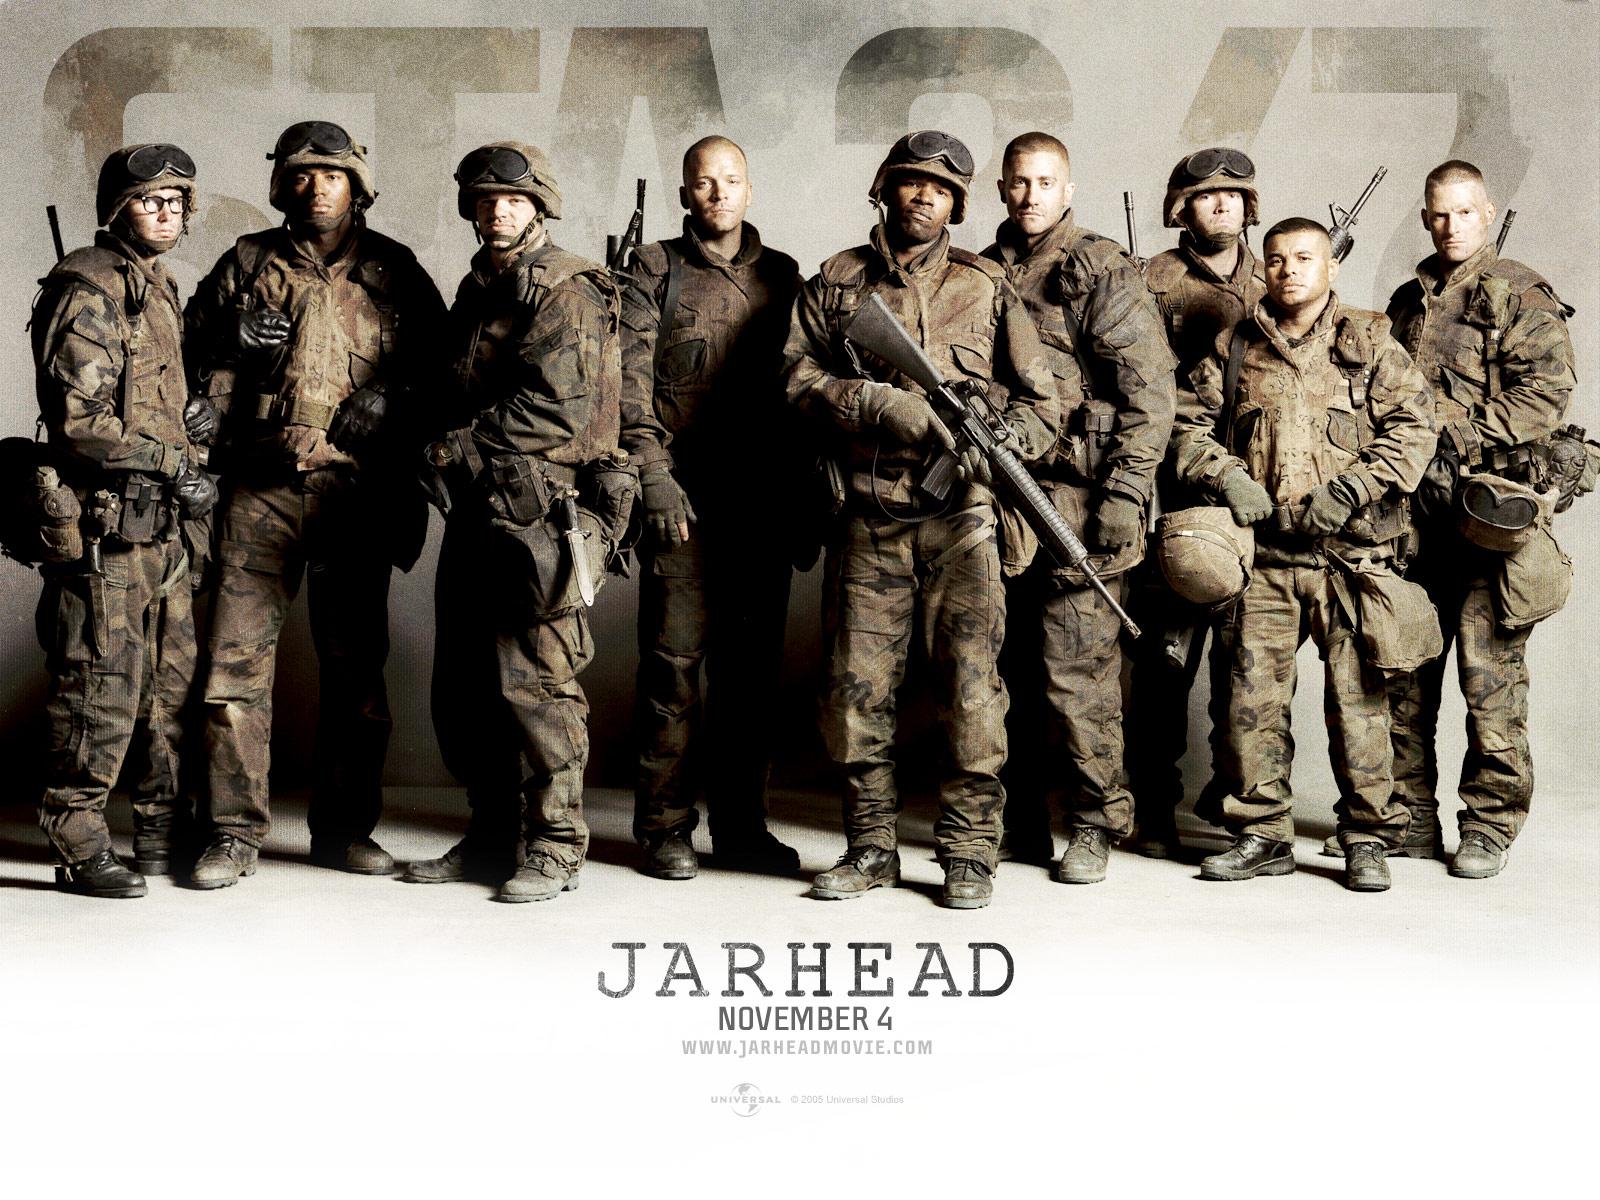 American Soldier Wallpaper - WallpaperSafari